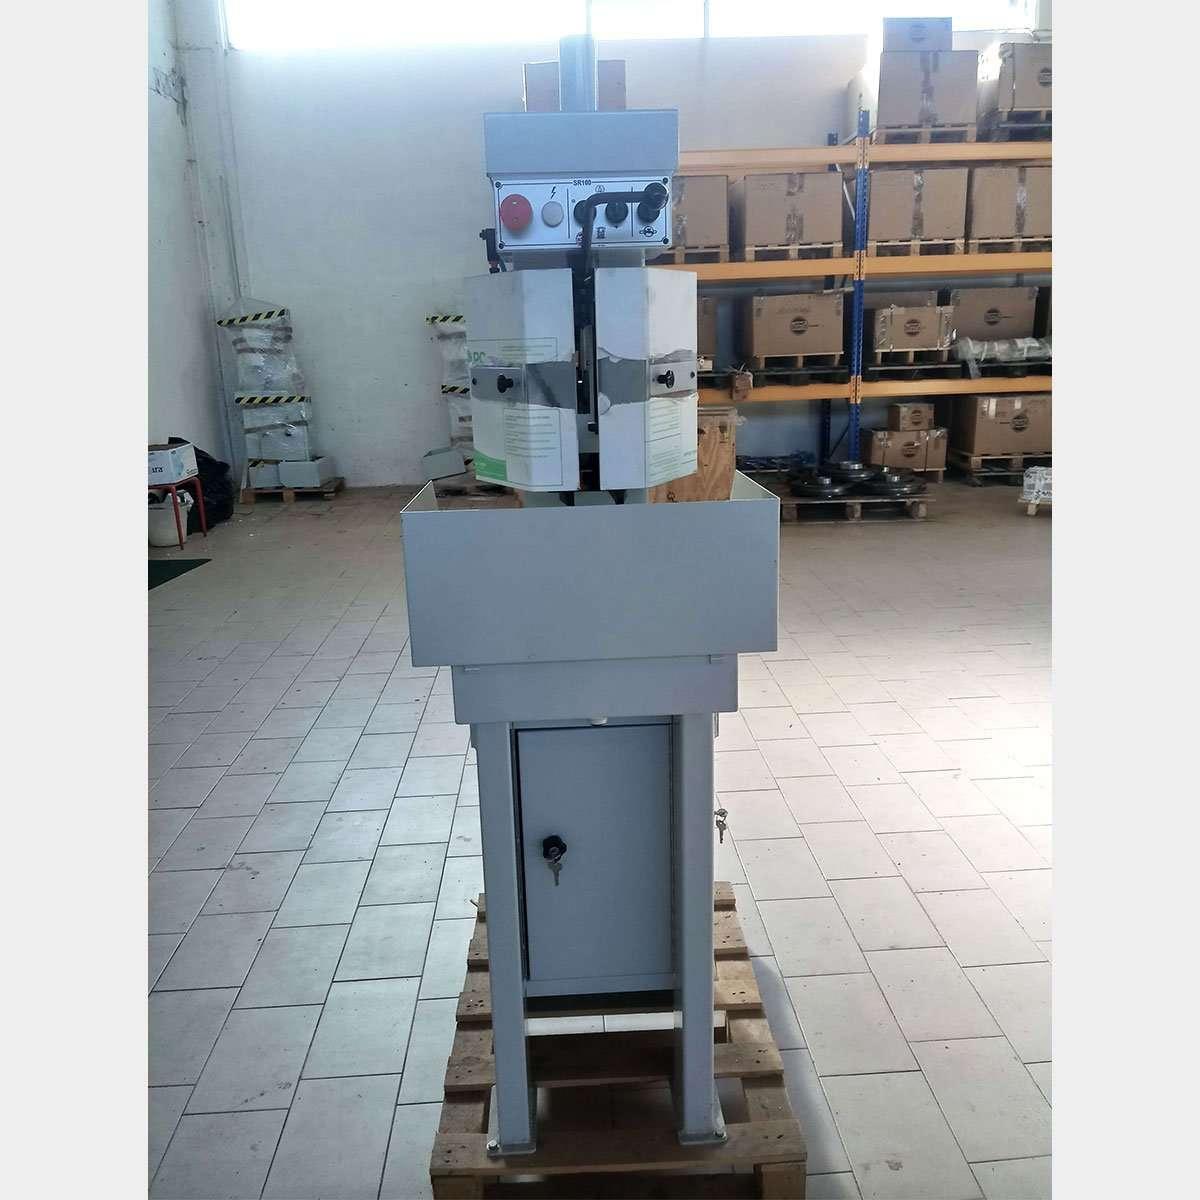 BERCOSR 100 usedcylinder honing machine